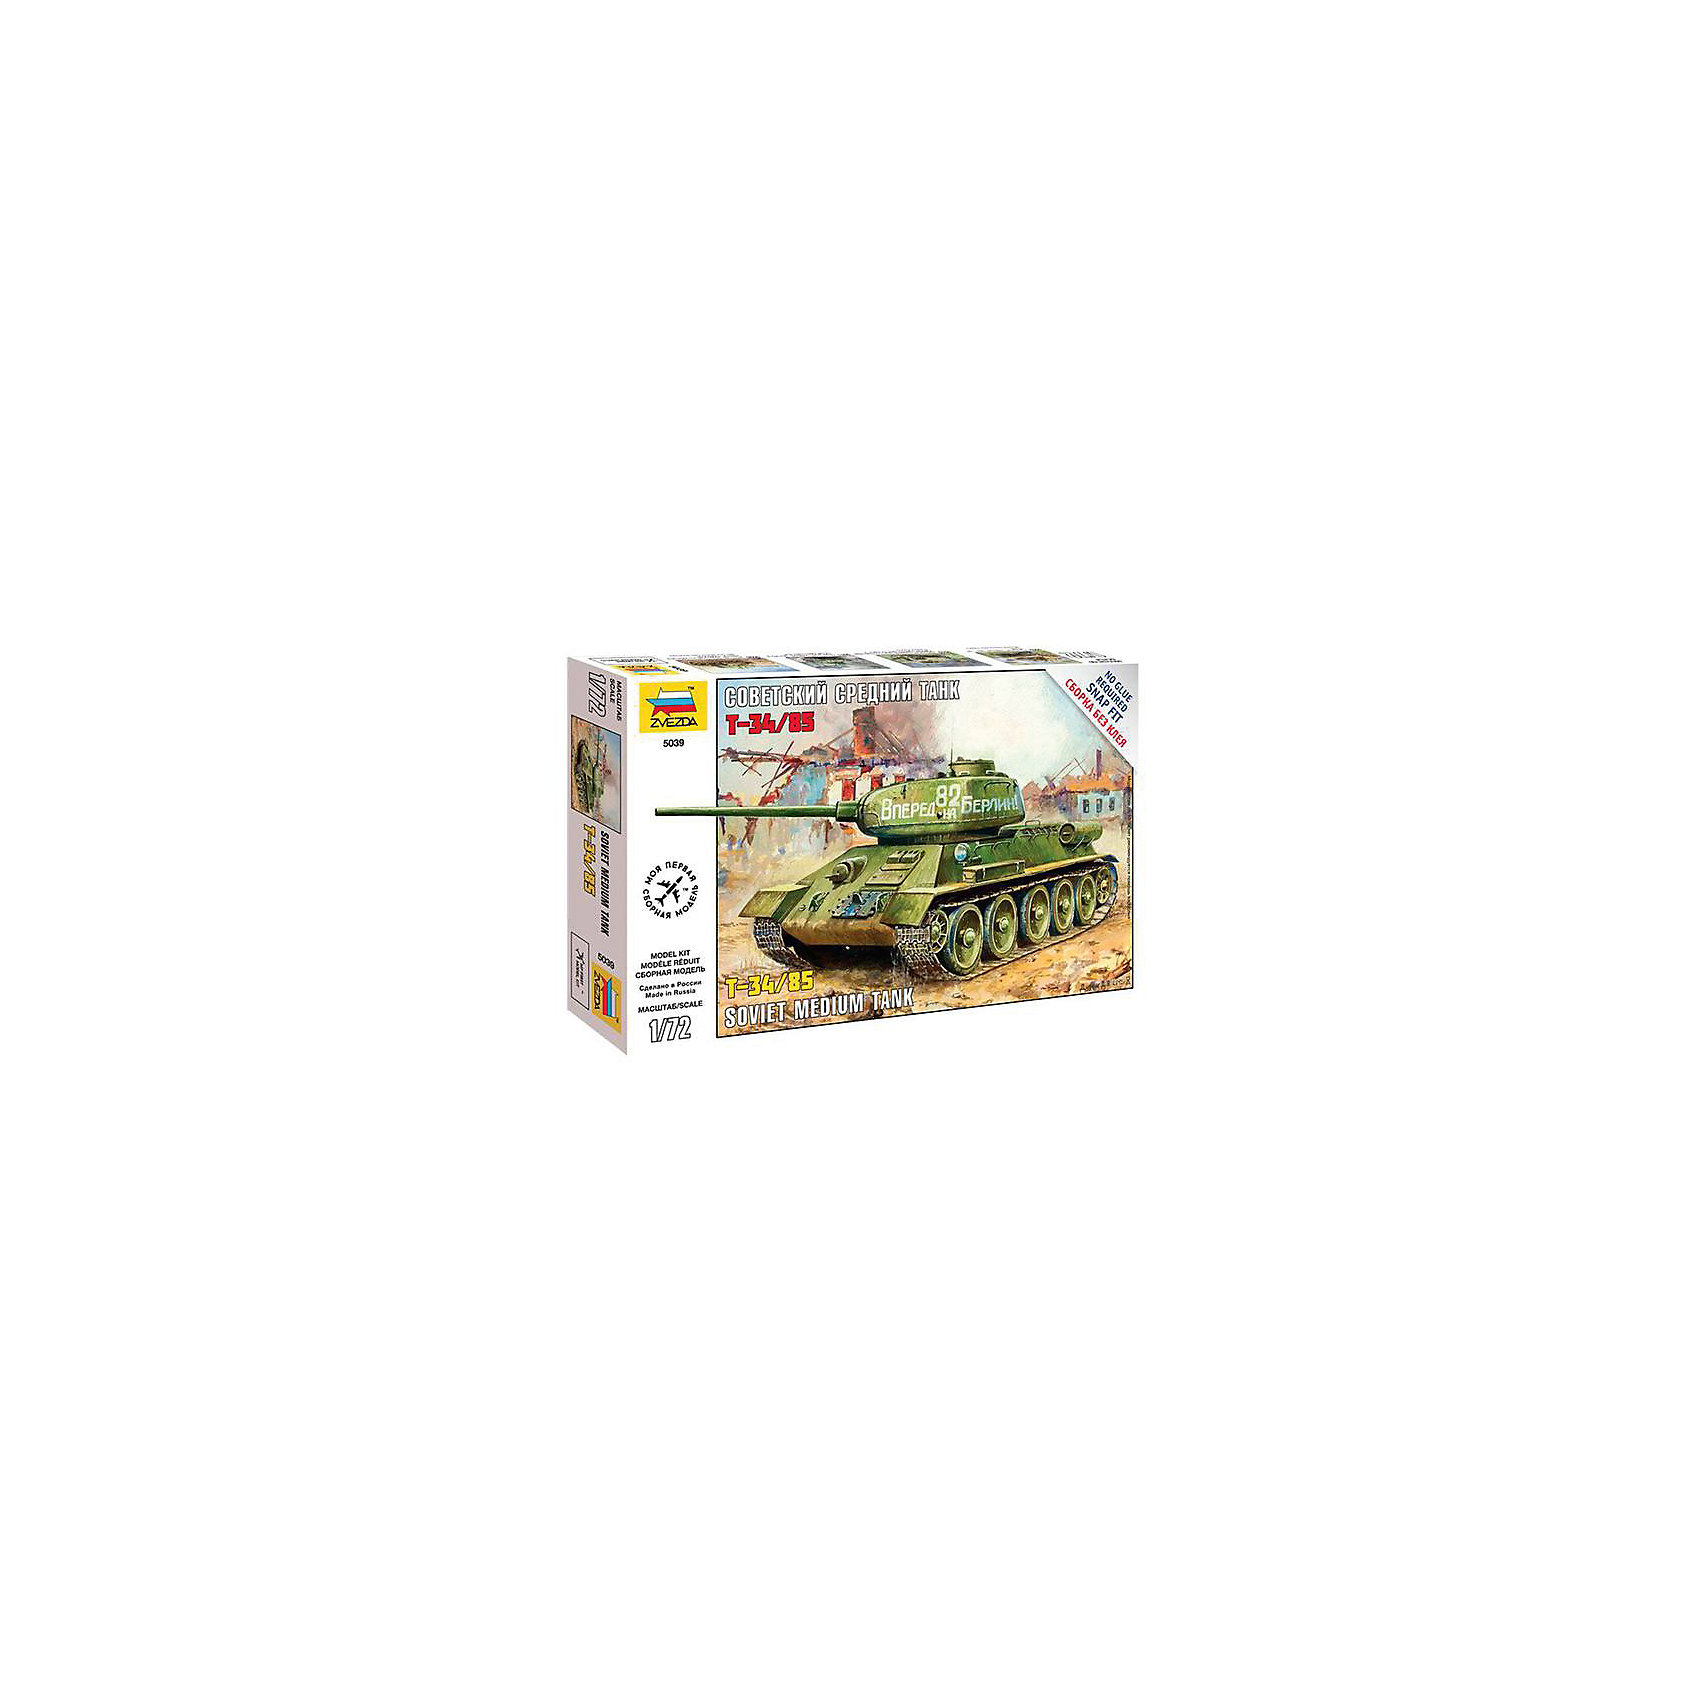 Сборная модель Звезда Советский средний танк Т-34/85, 1:72Модели для склеивания<br>Модель сборная Советский средний танк Т-34/85<br><br>Ширина мм: 258<br>Глубина мм: 162<br>Высота мм: 38<br>Вес г: 360<br>Возраст от месяцев: 36<br>Возраст до месяцев: 180<br>Пол: Мужской<br>Возраст: Детский<br>SKU: 7086450